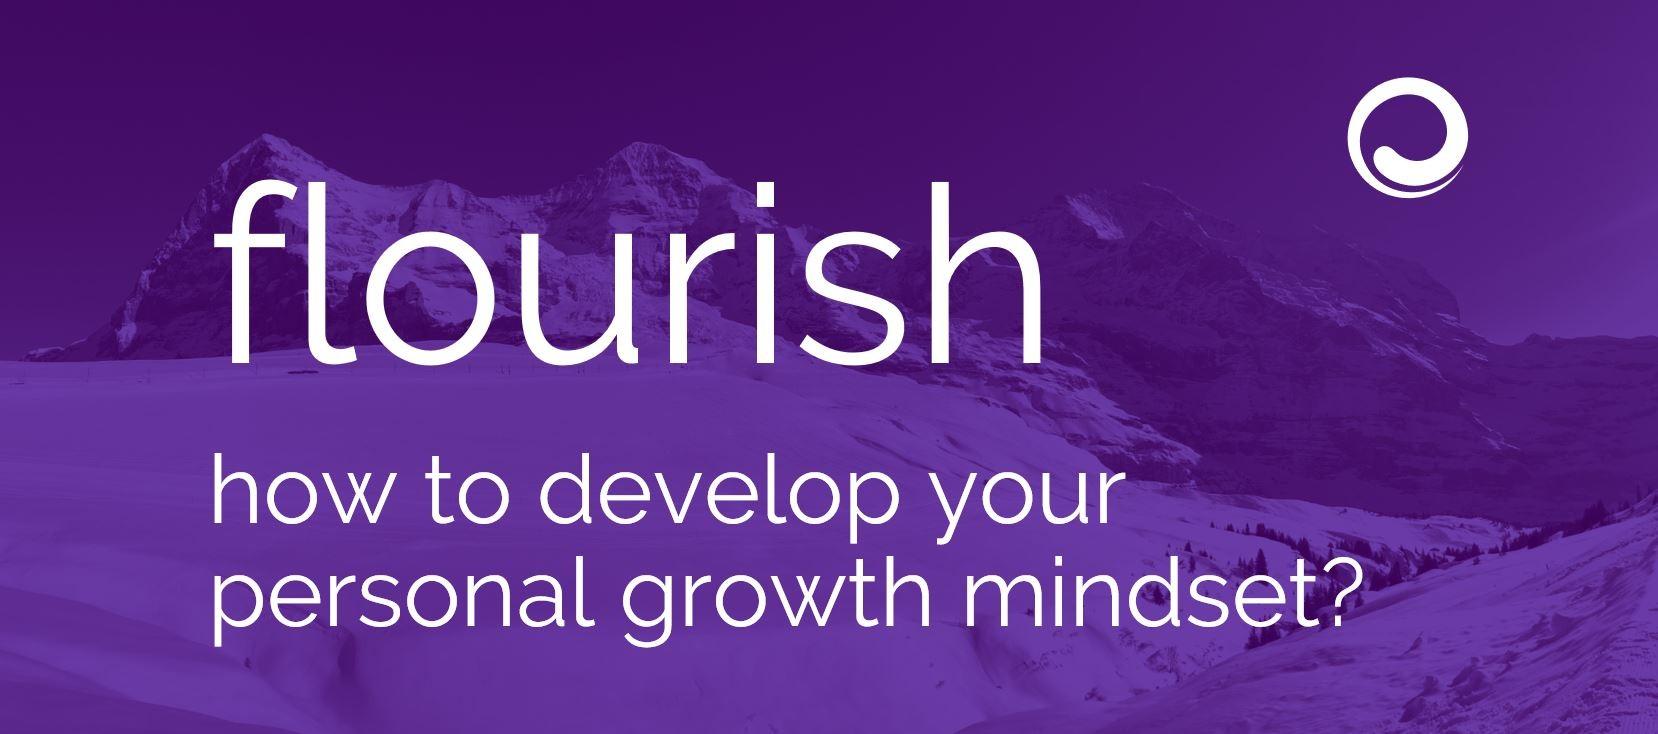 Magazin - flourish - growth mindset 09-2021